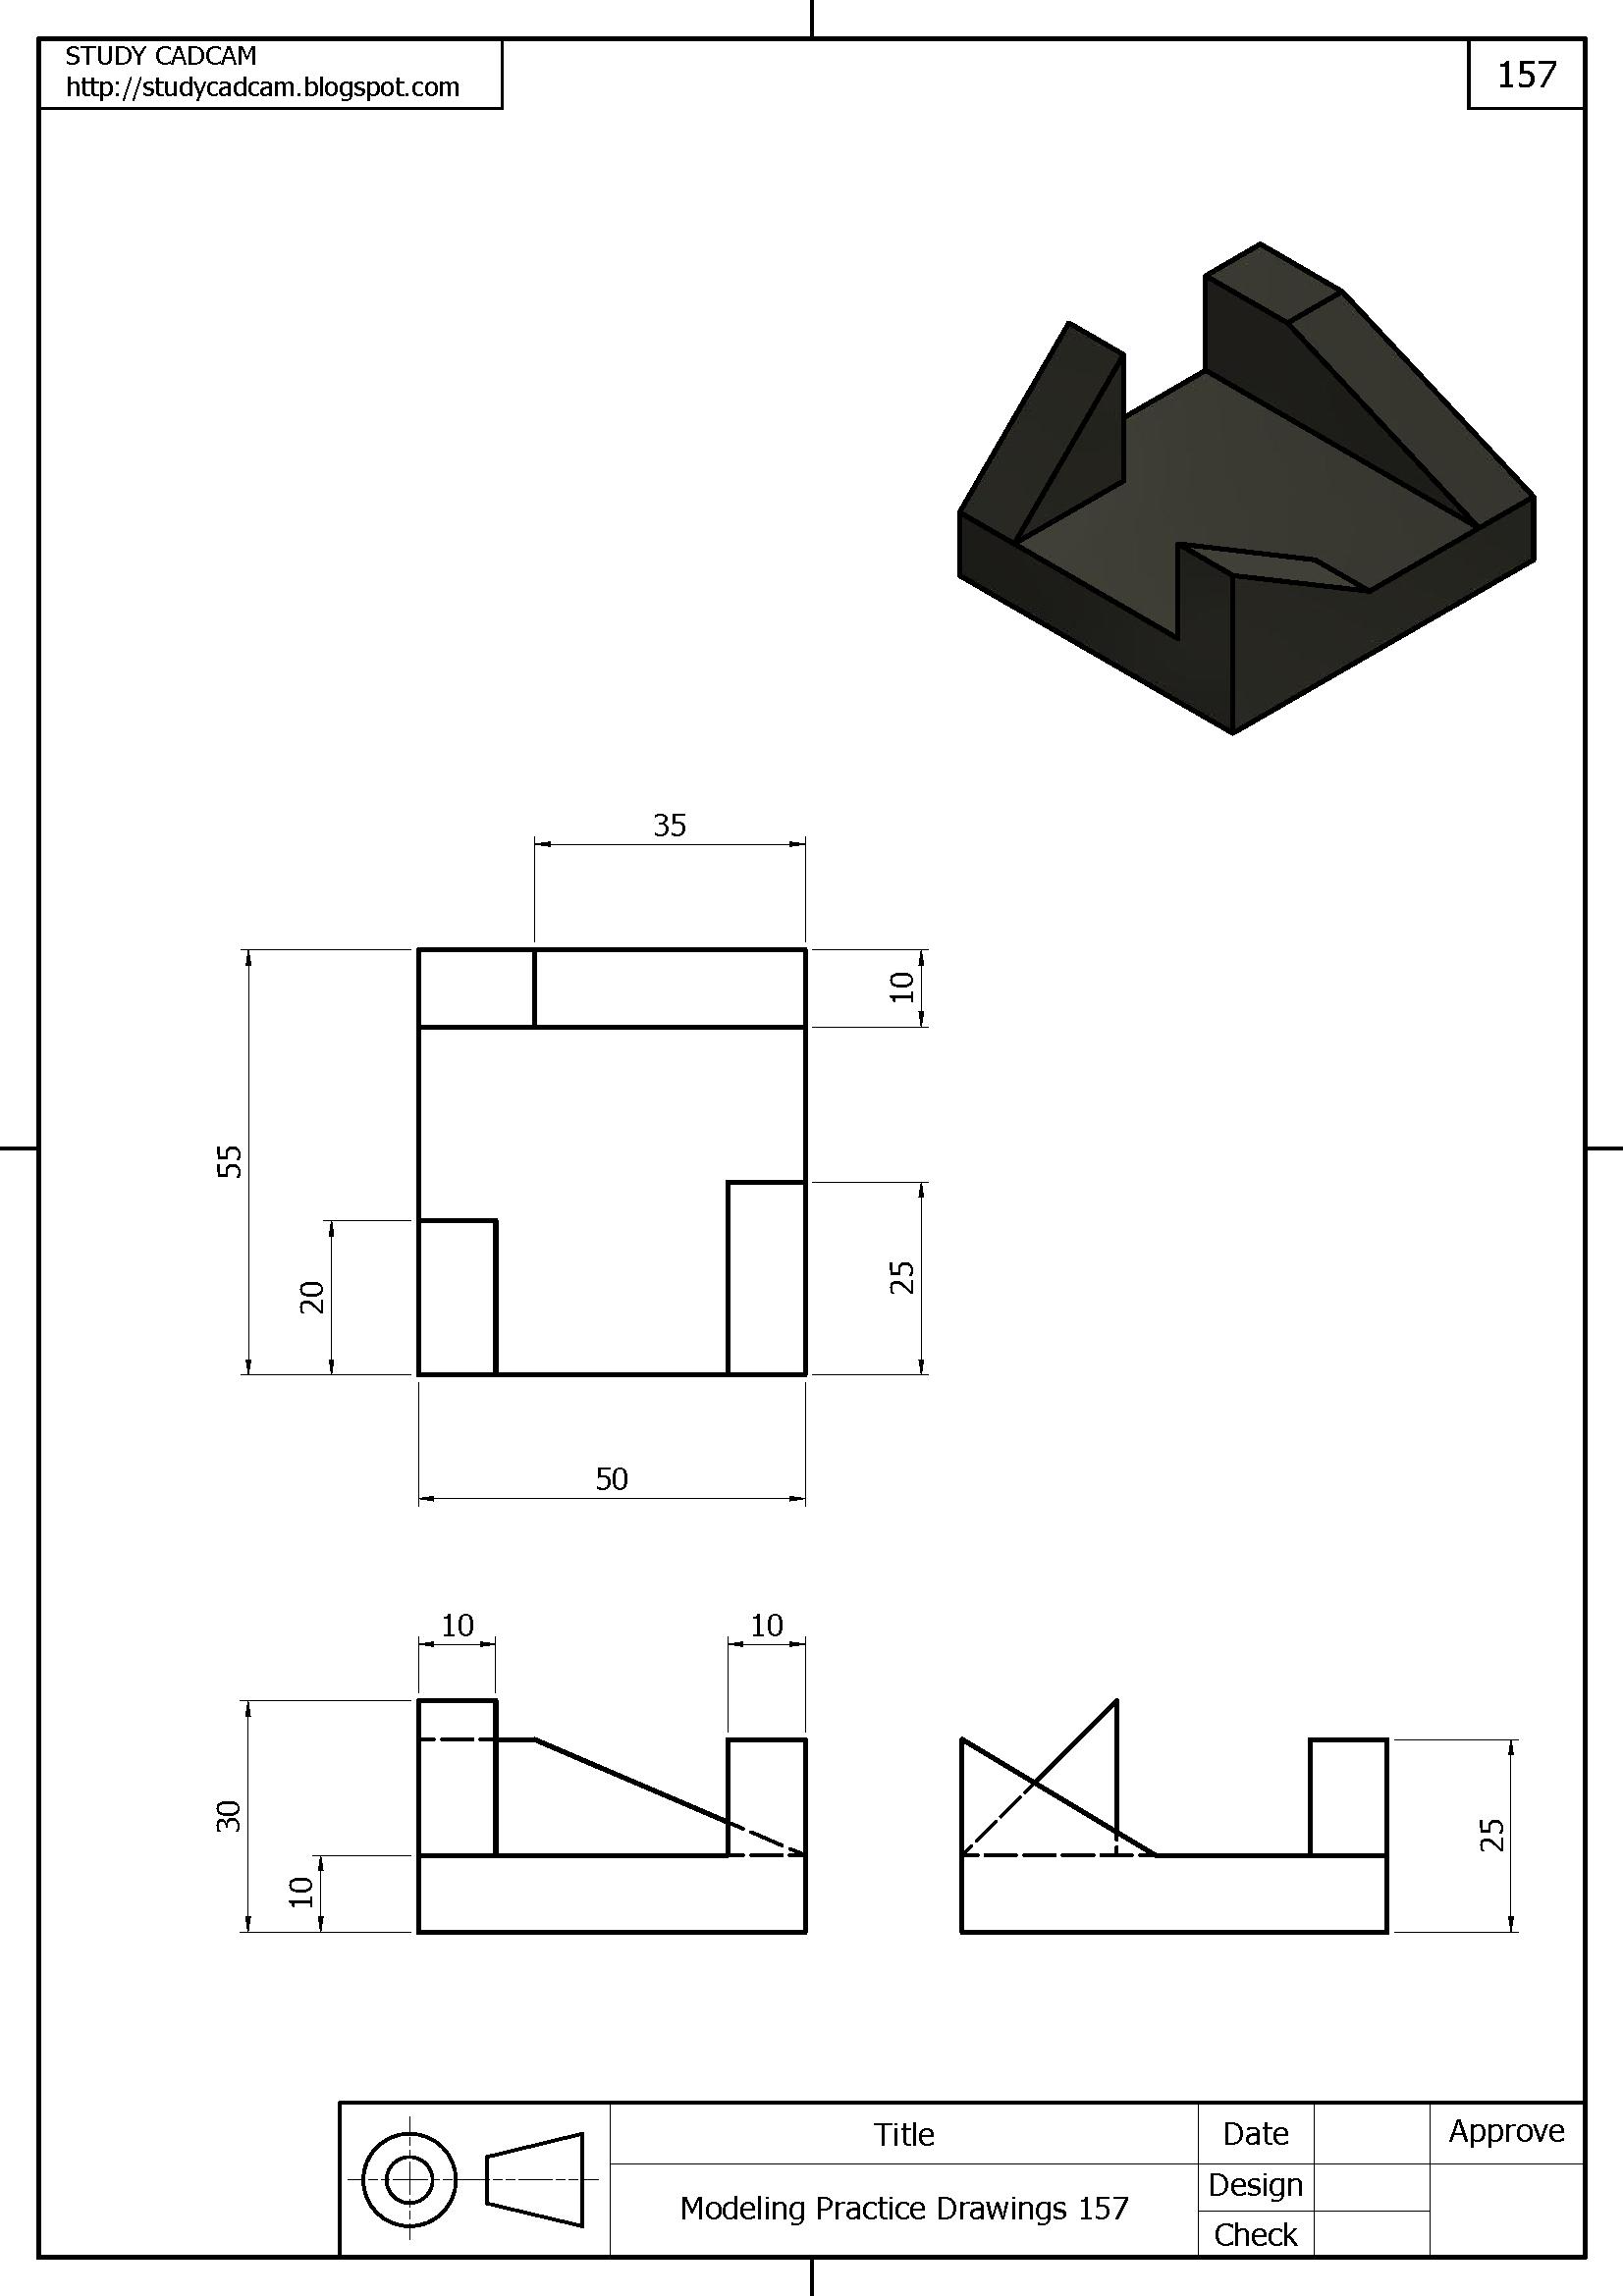 Engineering Diagram Wd40